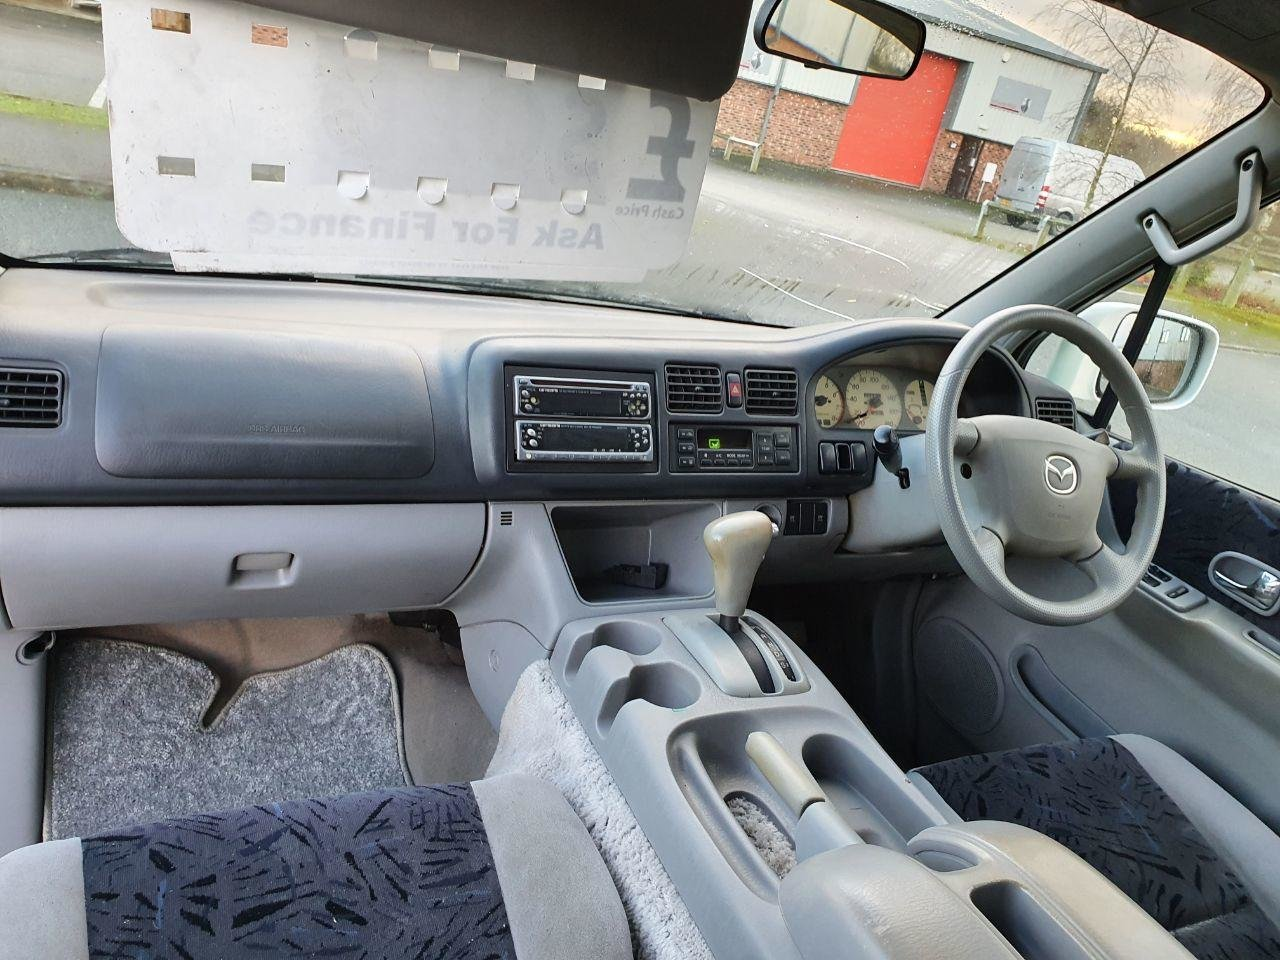 2003 Mazda Bongo Aero - 8 Seats MPV - Day Van - Camper For Sale (picture 12 of 12)